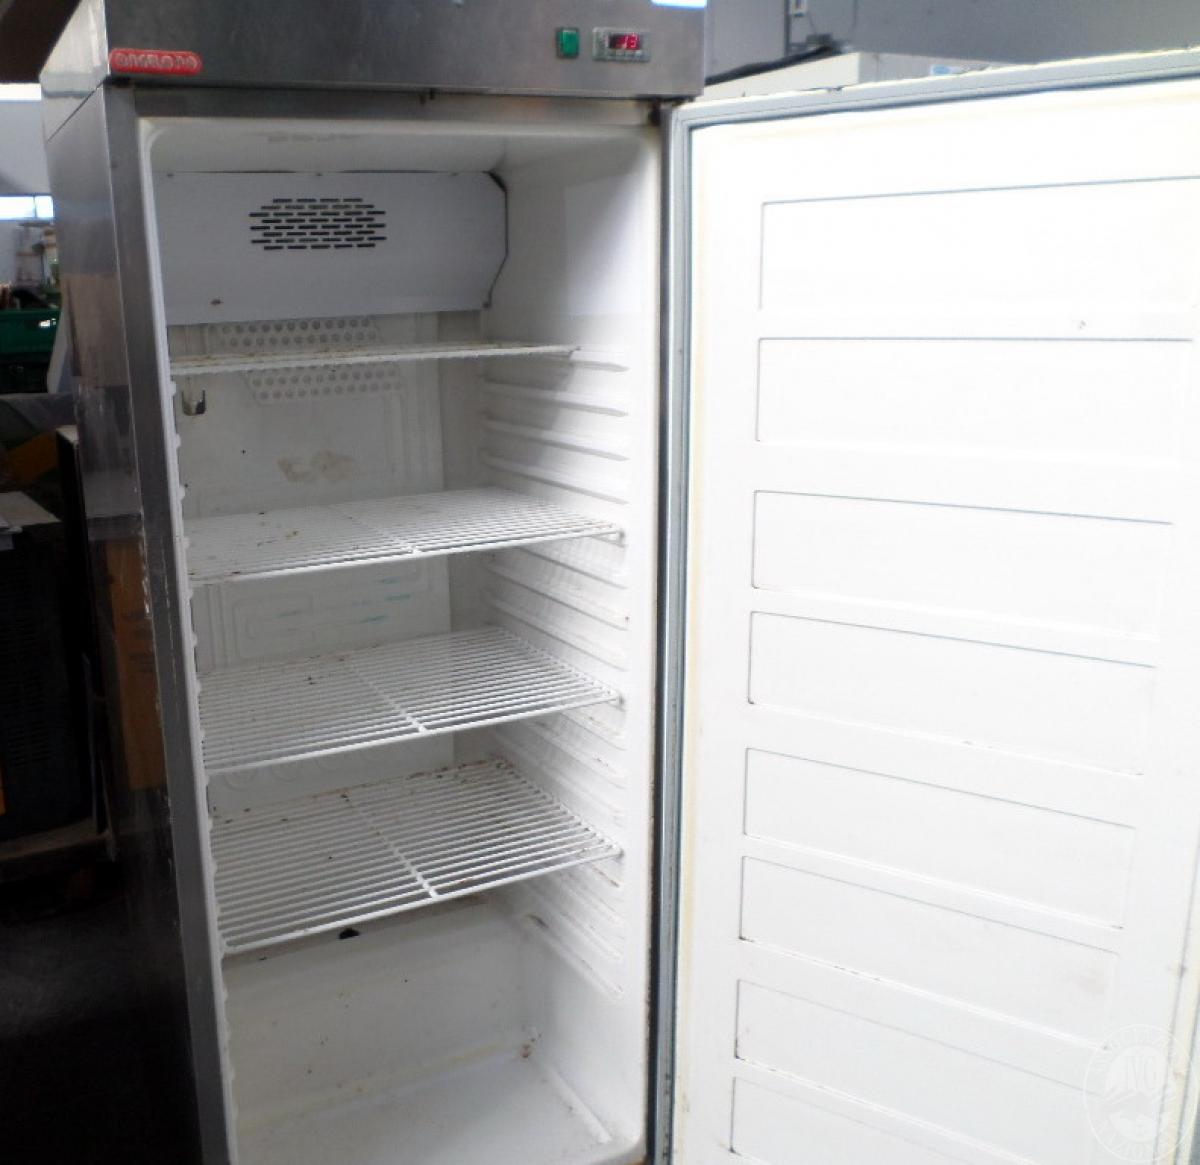 N. 2 frigoriferi in acciaio verticali   GARA ONLINE 1 OTTOBRE 2021 3